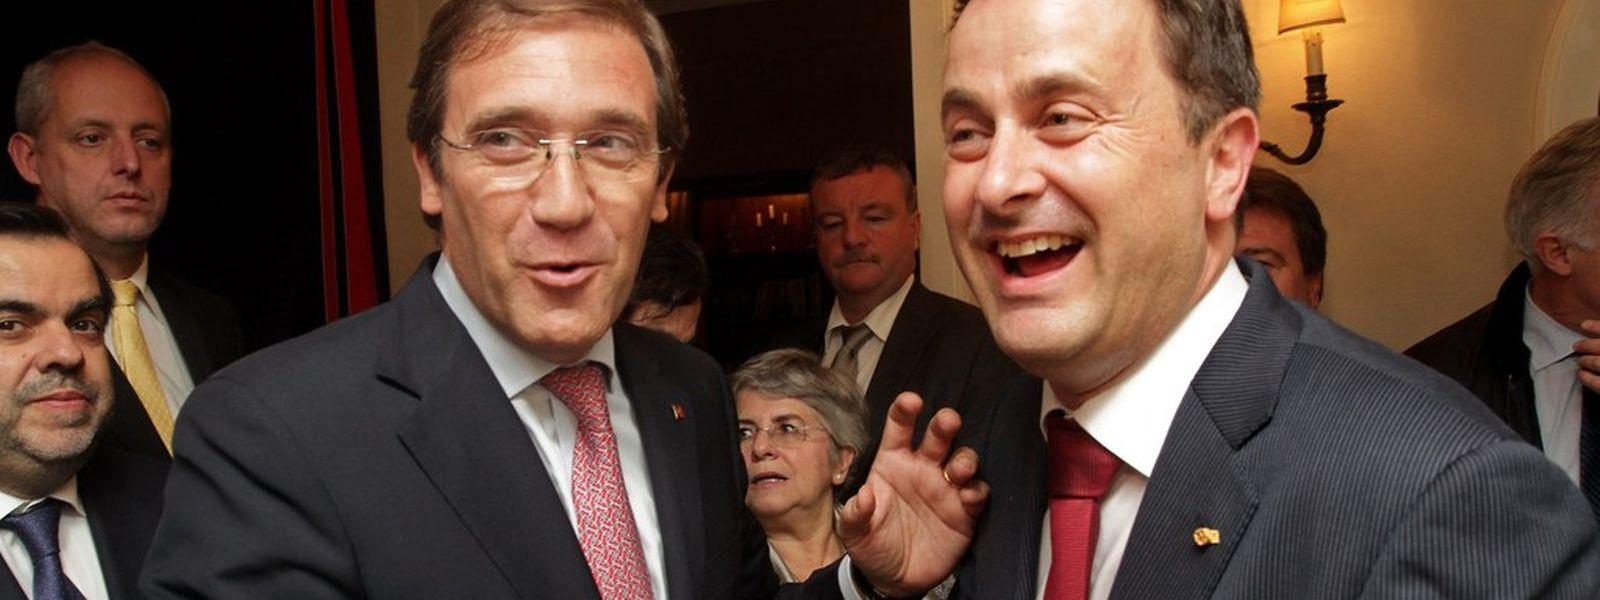 Pedro Passos Coelho com o seu homólogo luxemburguês, Xavier Bettel, na Residência da Embaixada de Portugal no Luxemburgo, durante a recepção de quarta-feira à noite, com alguns membros da comunidade portuguesa